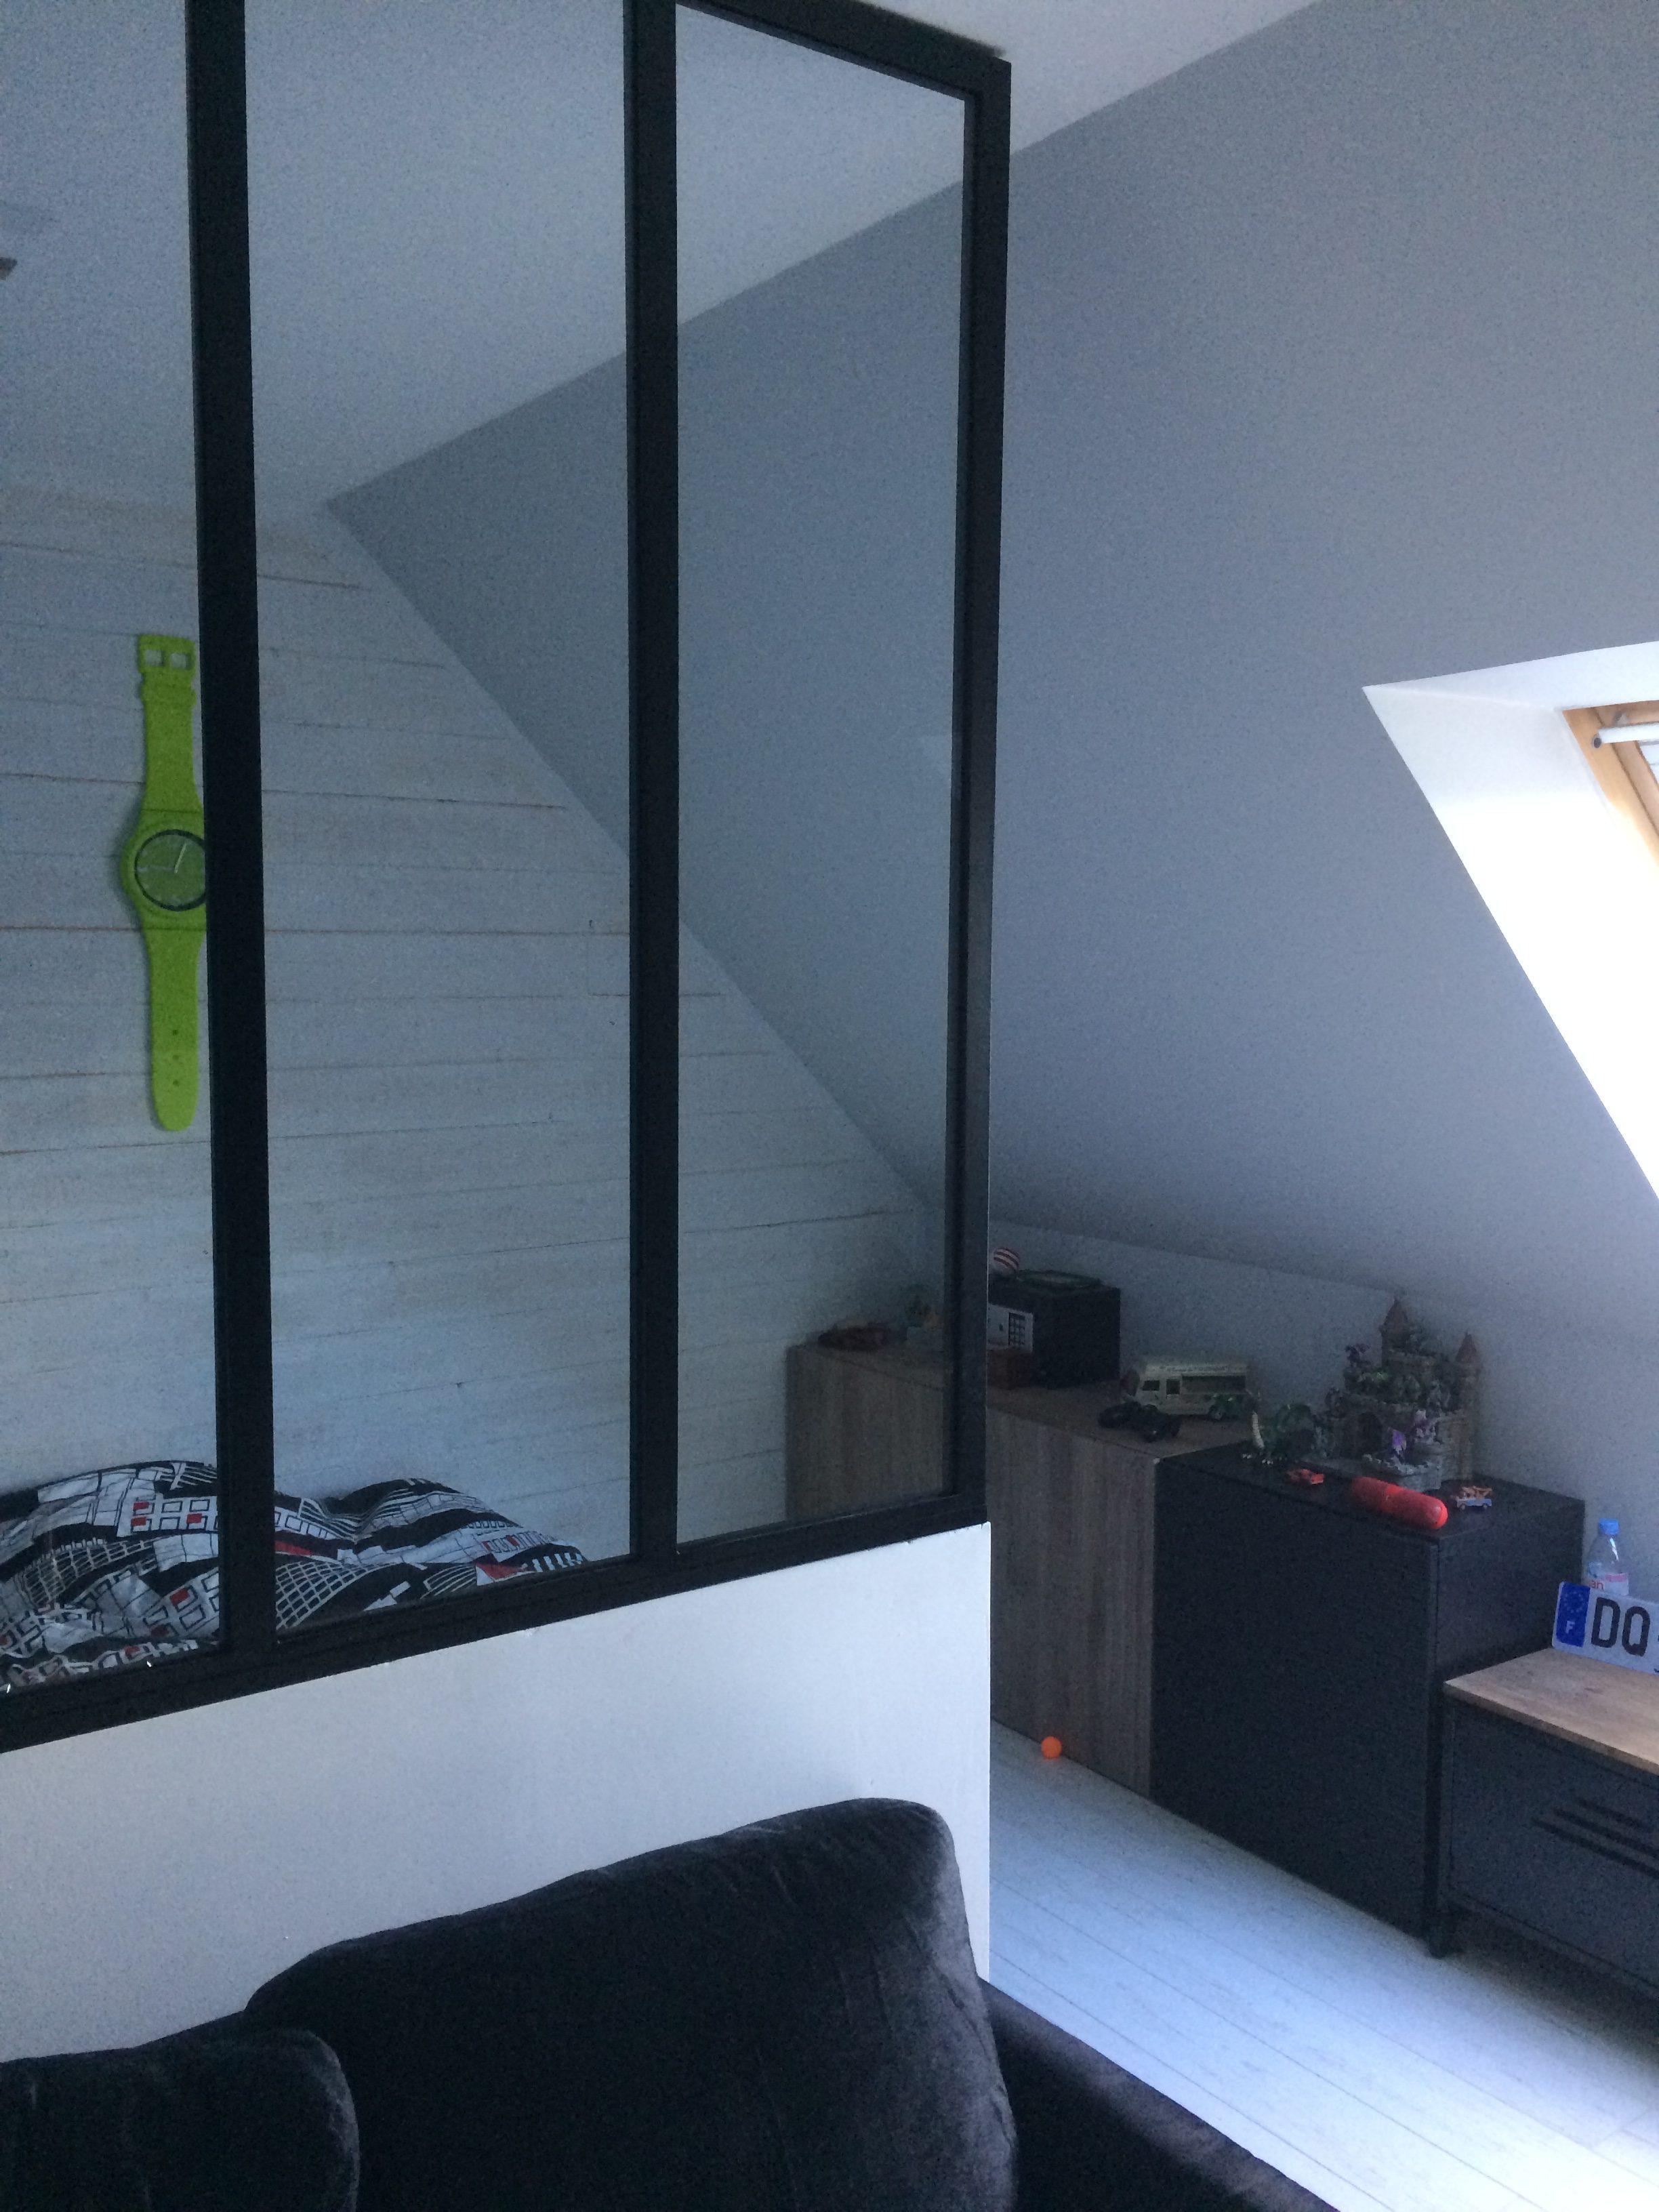 Décoration d'intérieur chambre d'adolescent Style industriel wimereux Boulogne sur mer